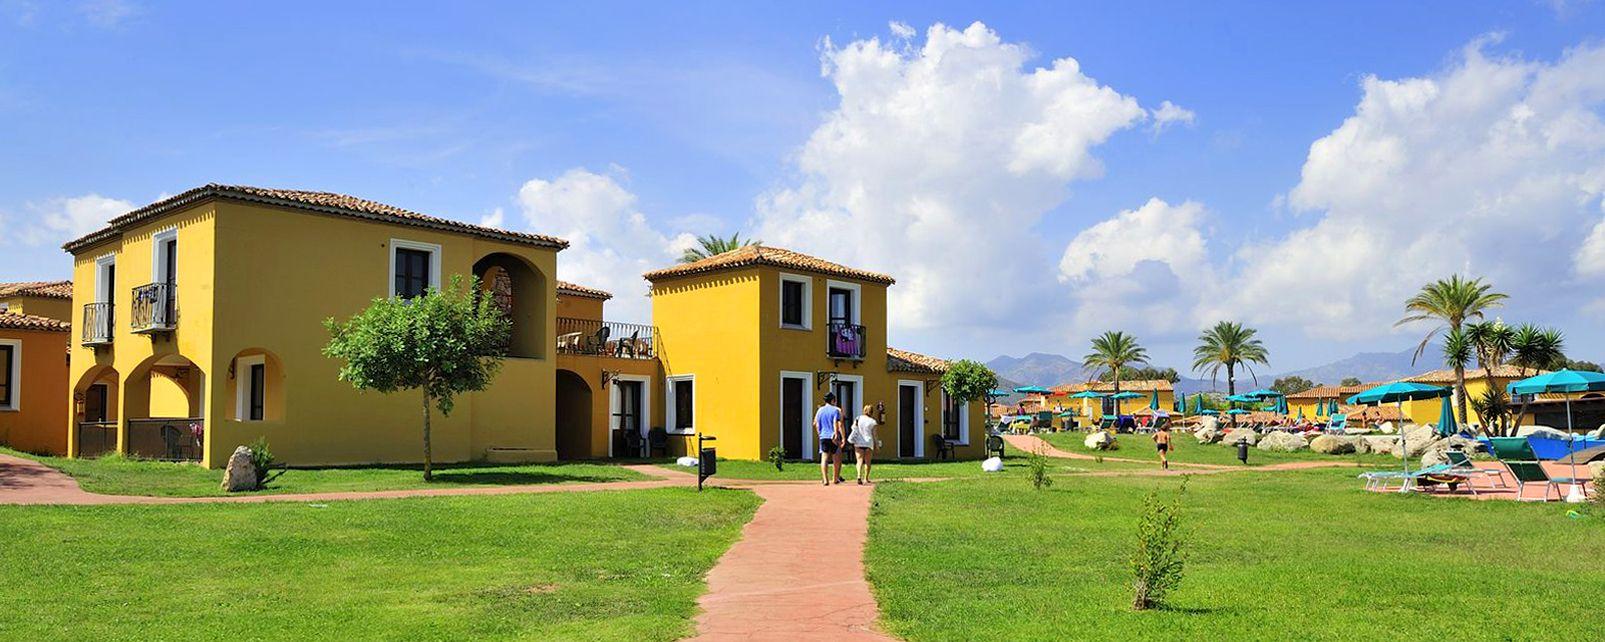 Hôtel Hôtel Villagio Baia dei Pini